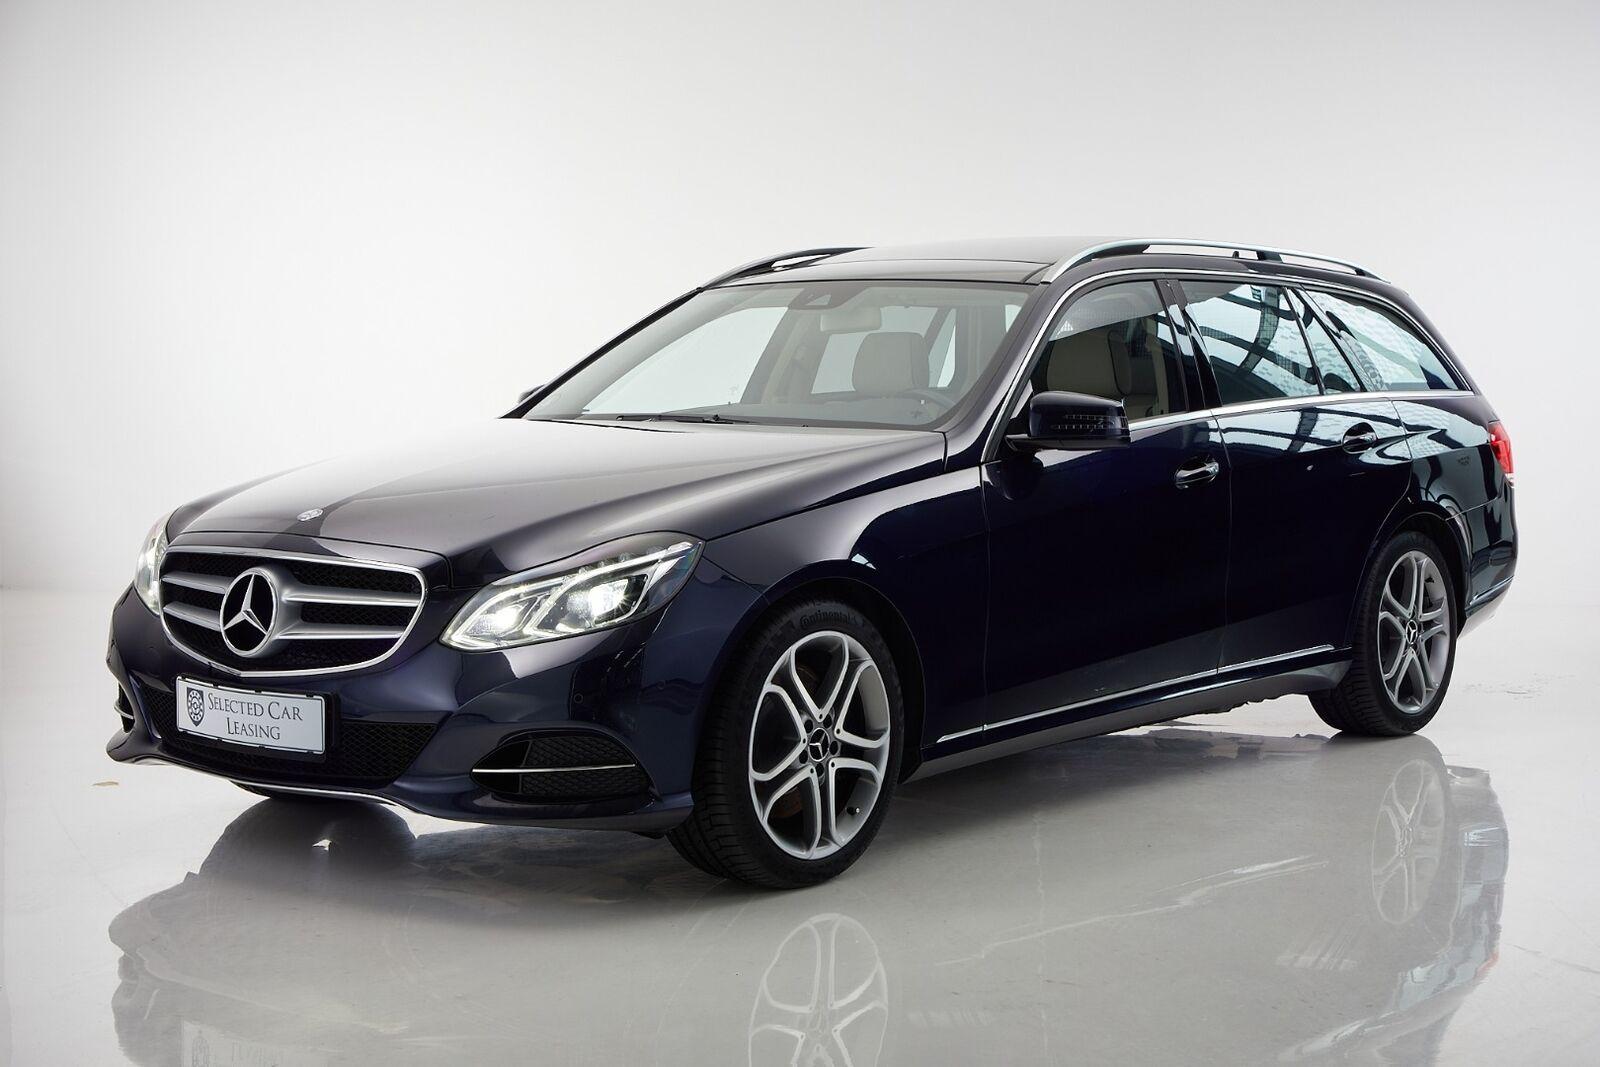 Mercedes E350 3,0 BlueTEC stc. aut. 5d - 3.036 kr.